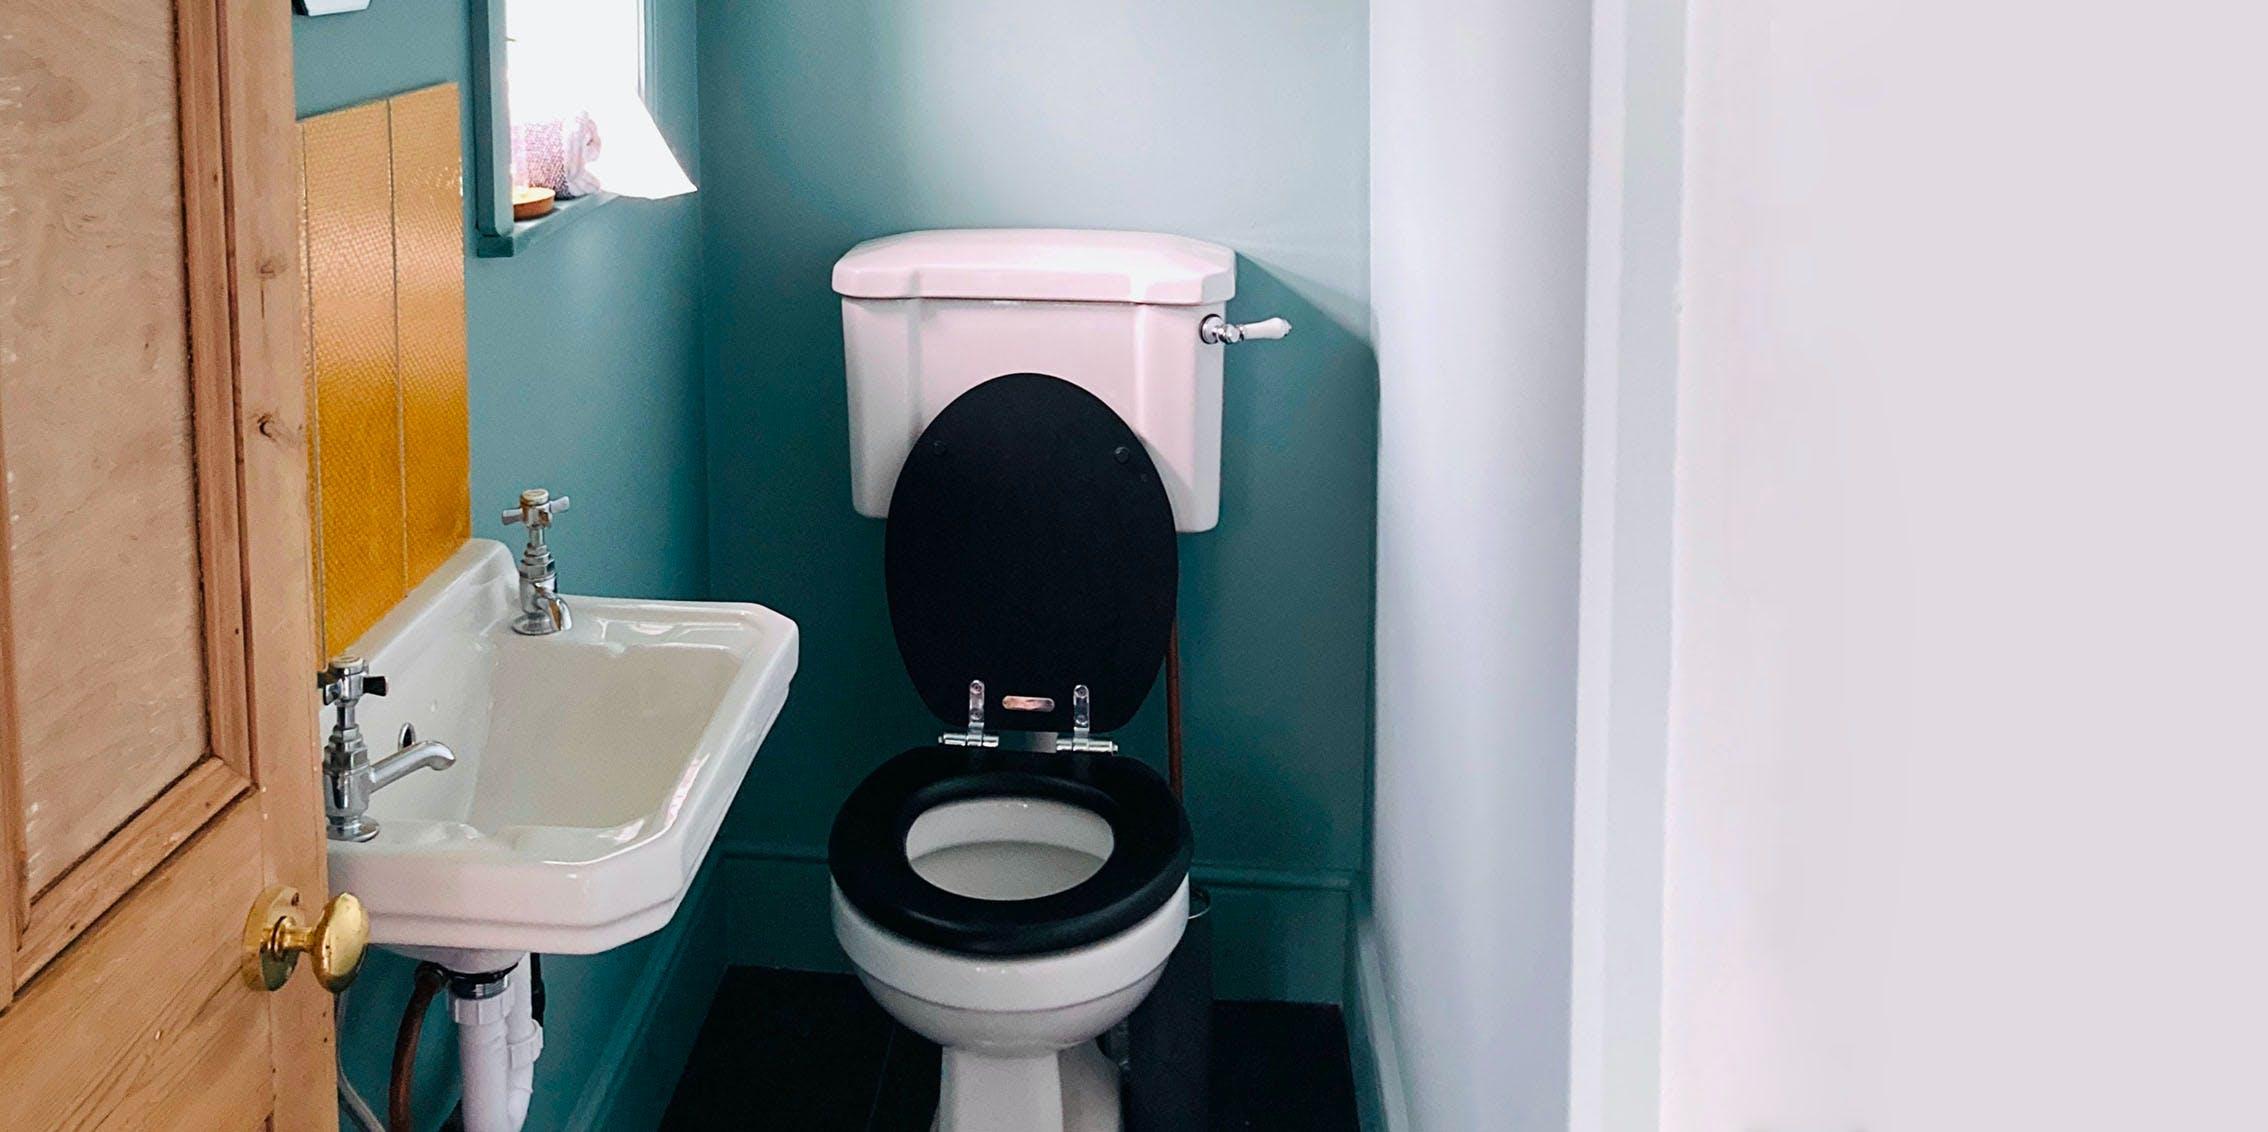 Modern Small Bathroom Paint Ideas, How To Paint A Small Bathroom